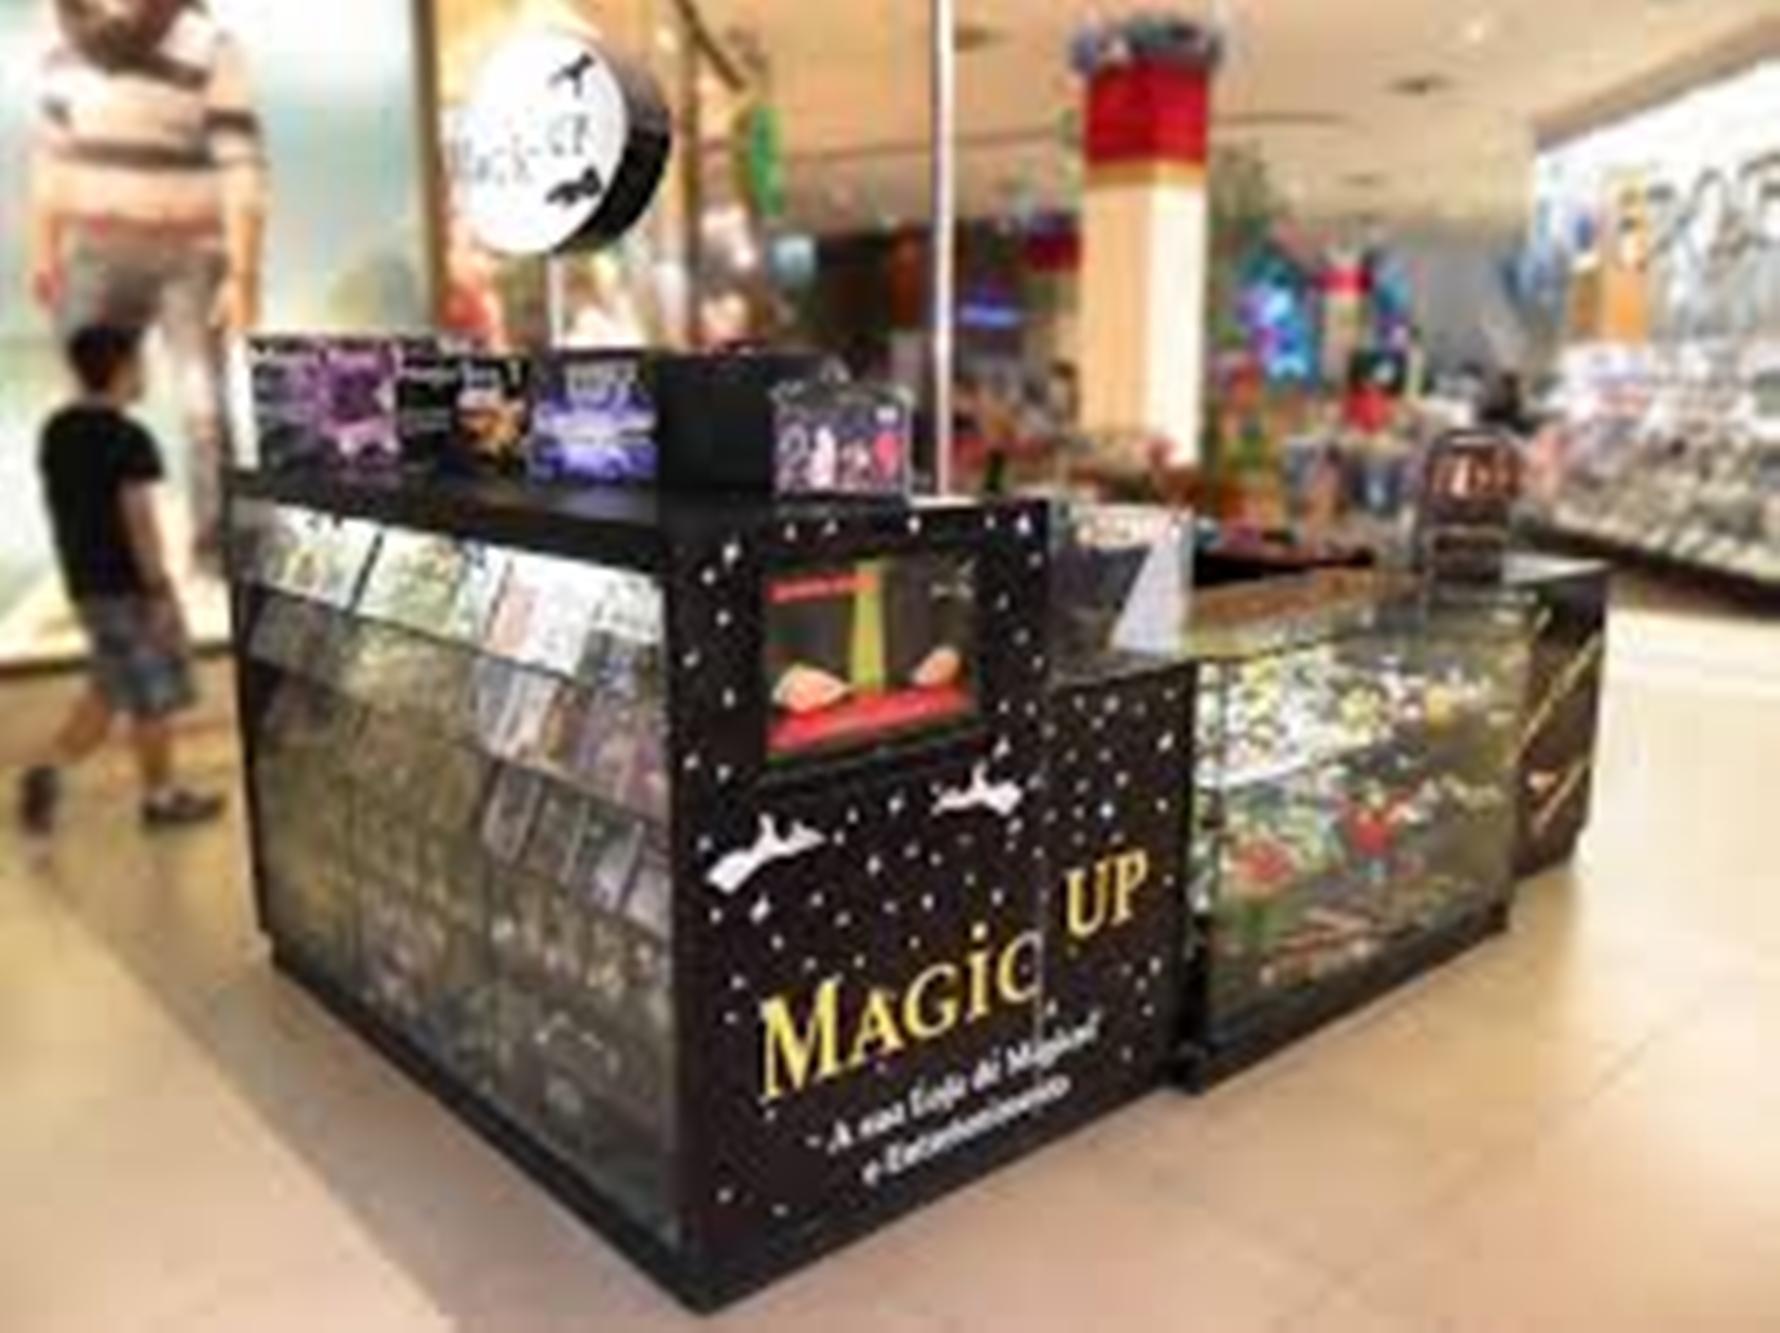 magic up